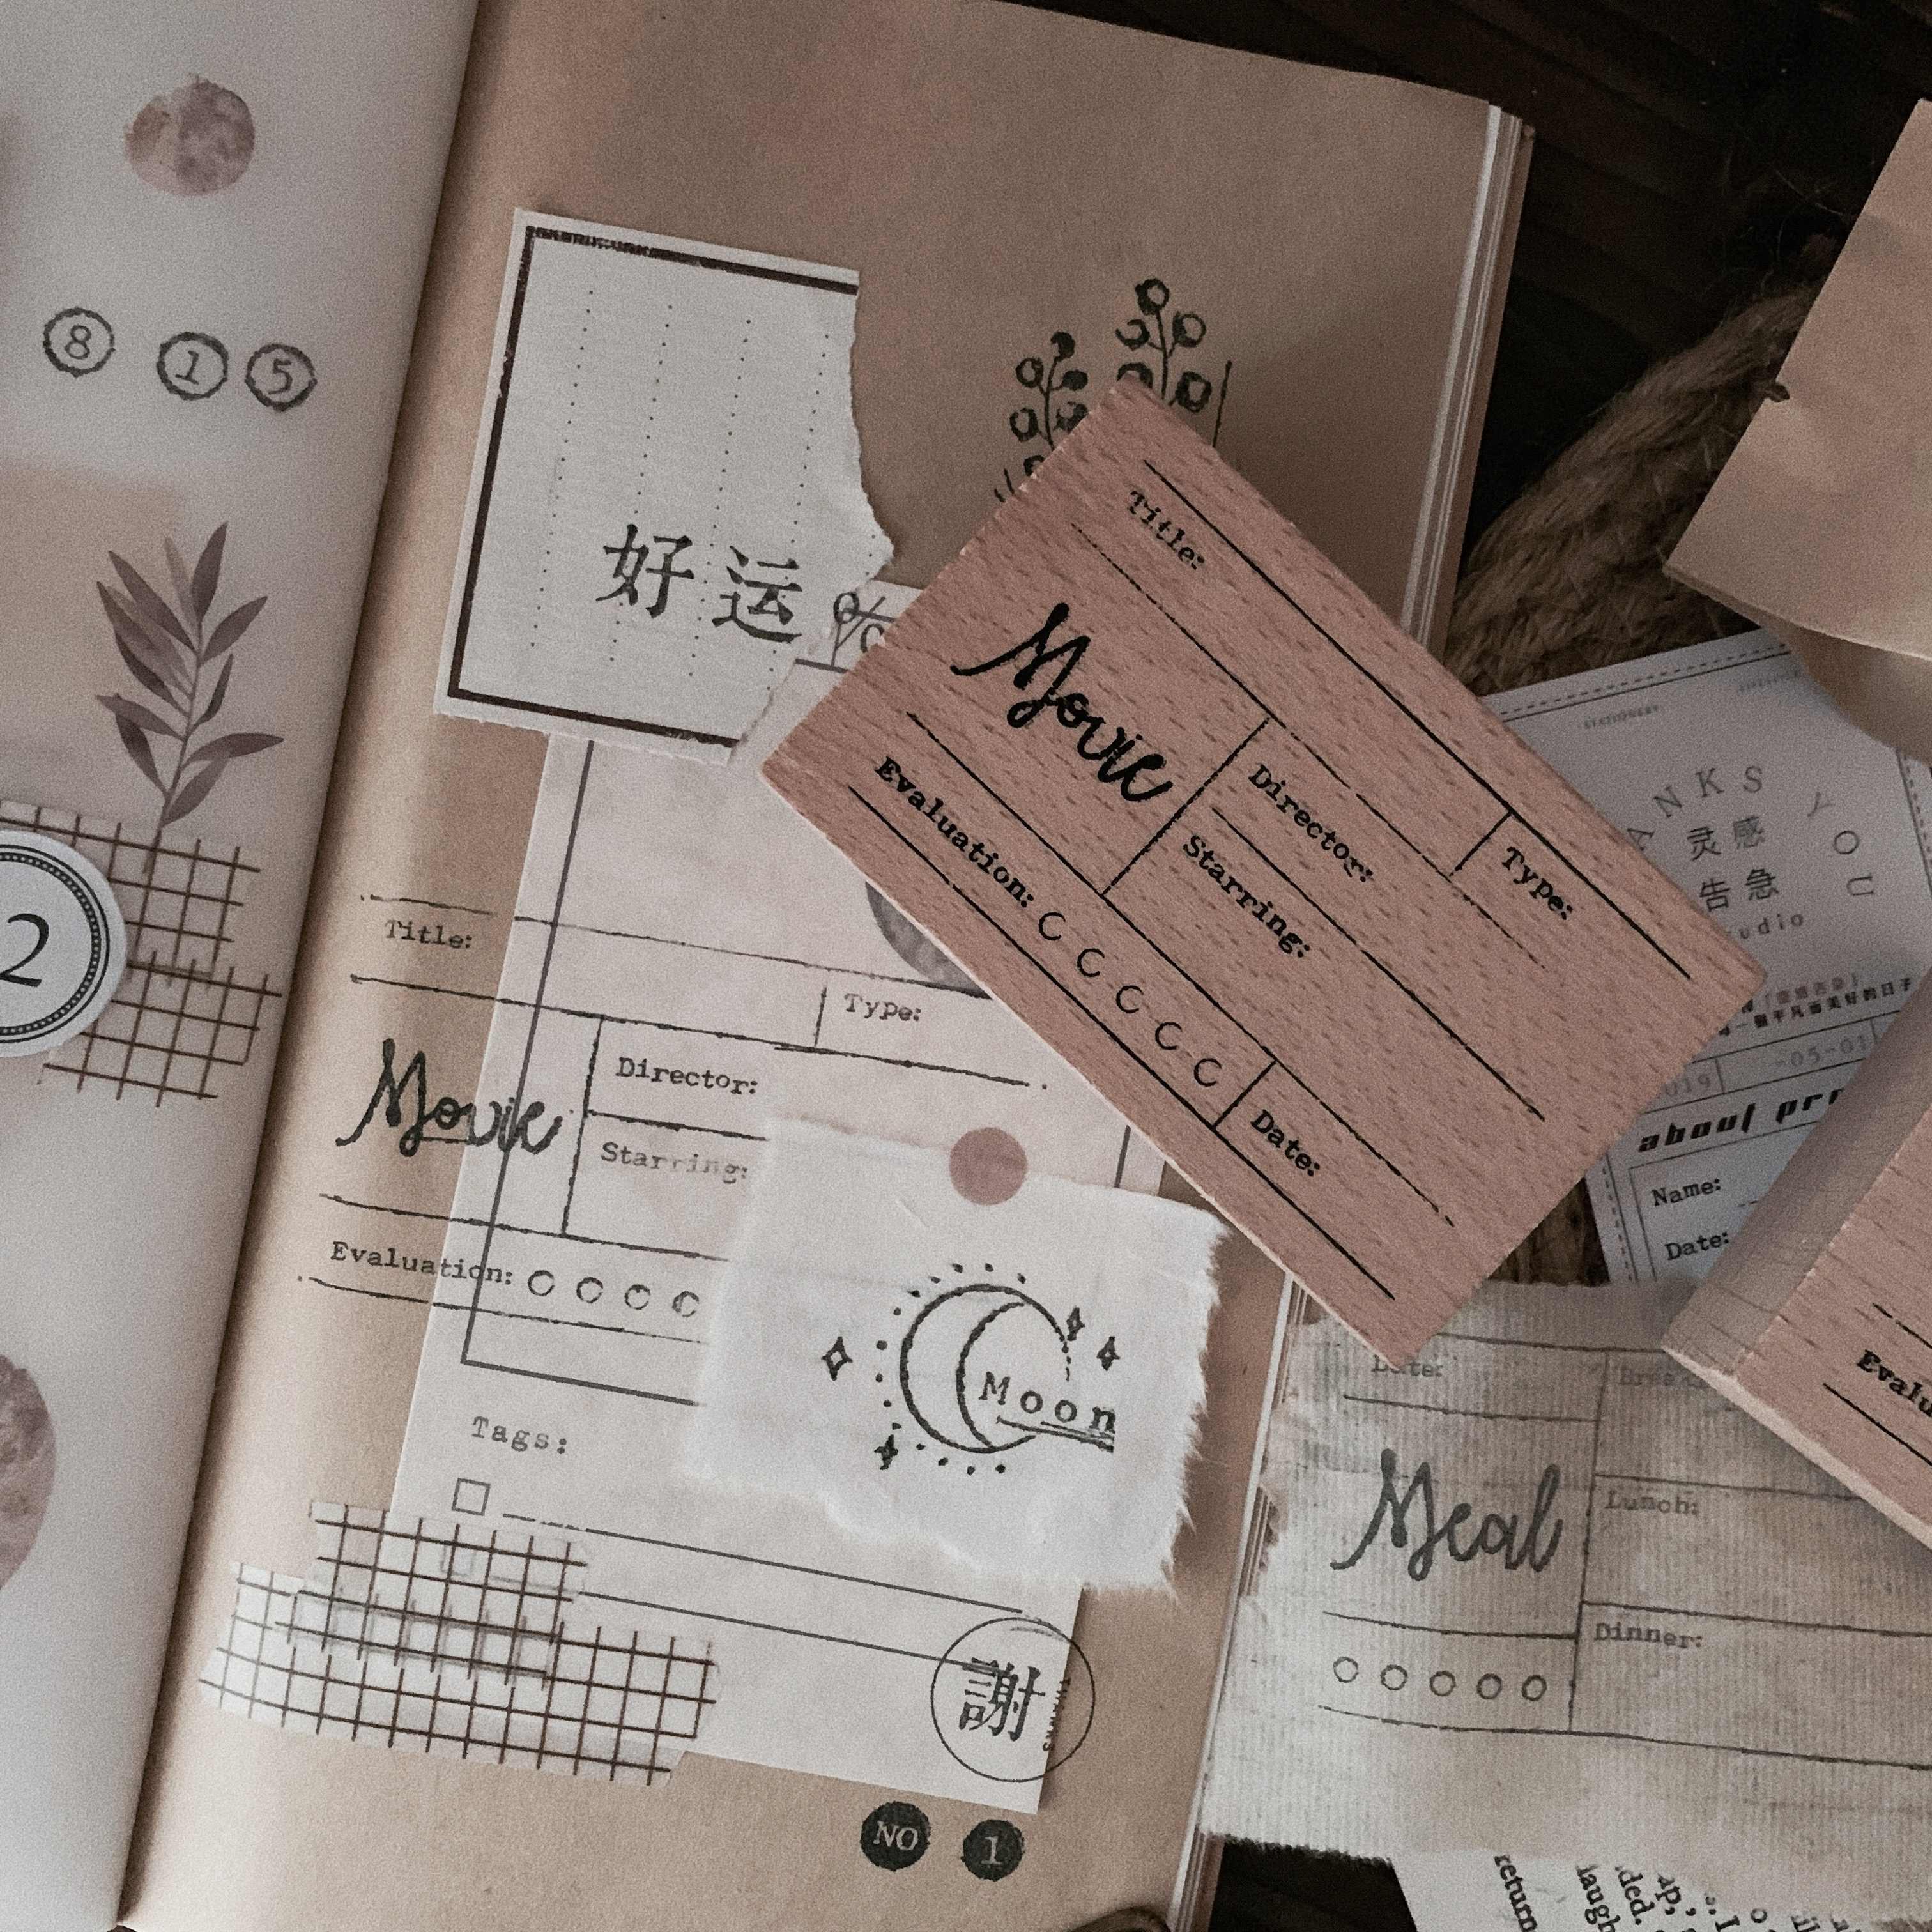 Vintage Meal หนังสือบันทึกภาพยนตร์แสตมป์ DIY ไม้แสตมป์ยางสำหรับ Scrapbooking เครื่องเขียน Scrapbooking แสตมป์มาตรฐาน